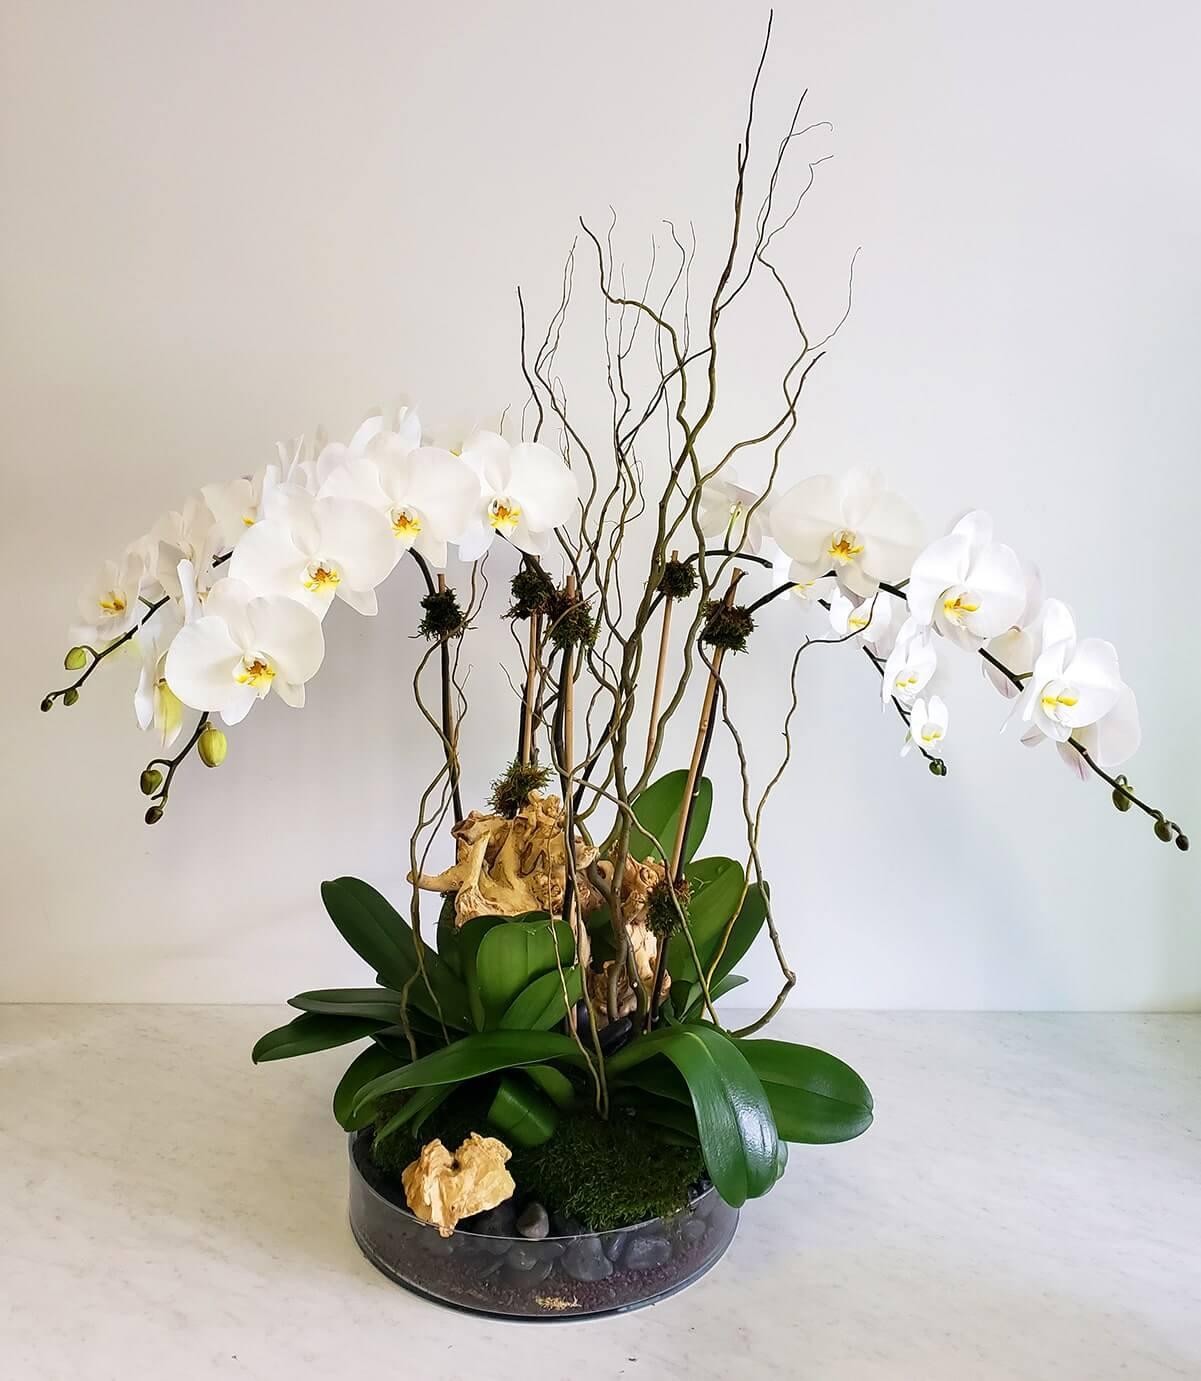 4 plantes d'orchidées phalaenopsis blanches